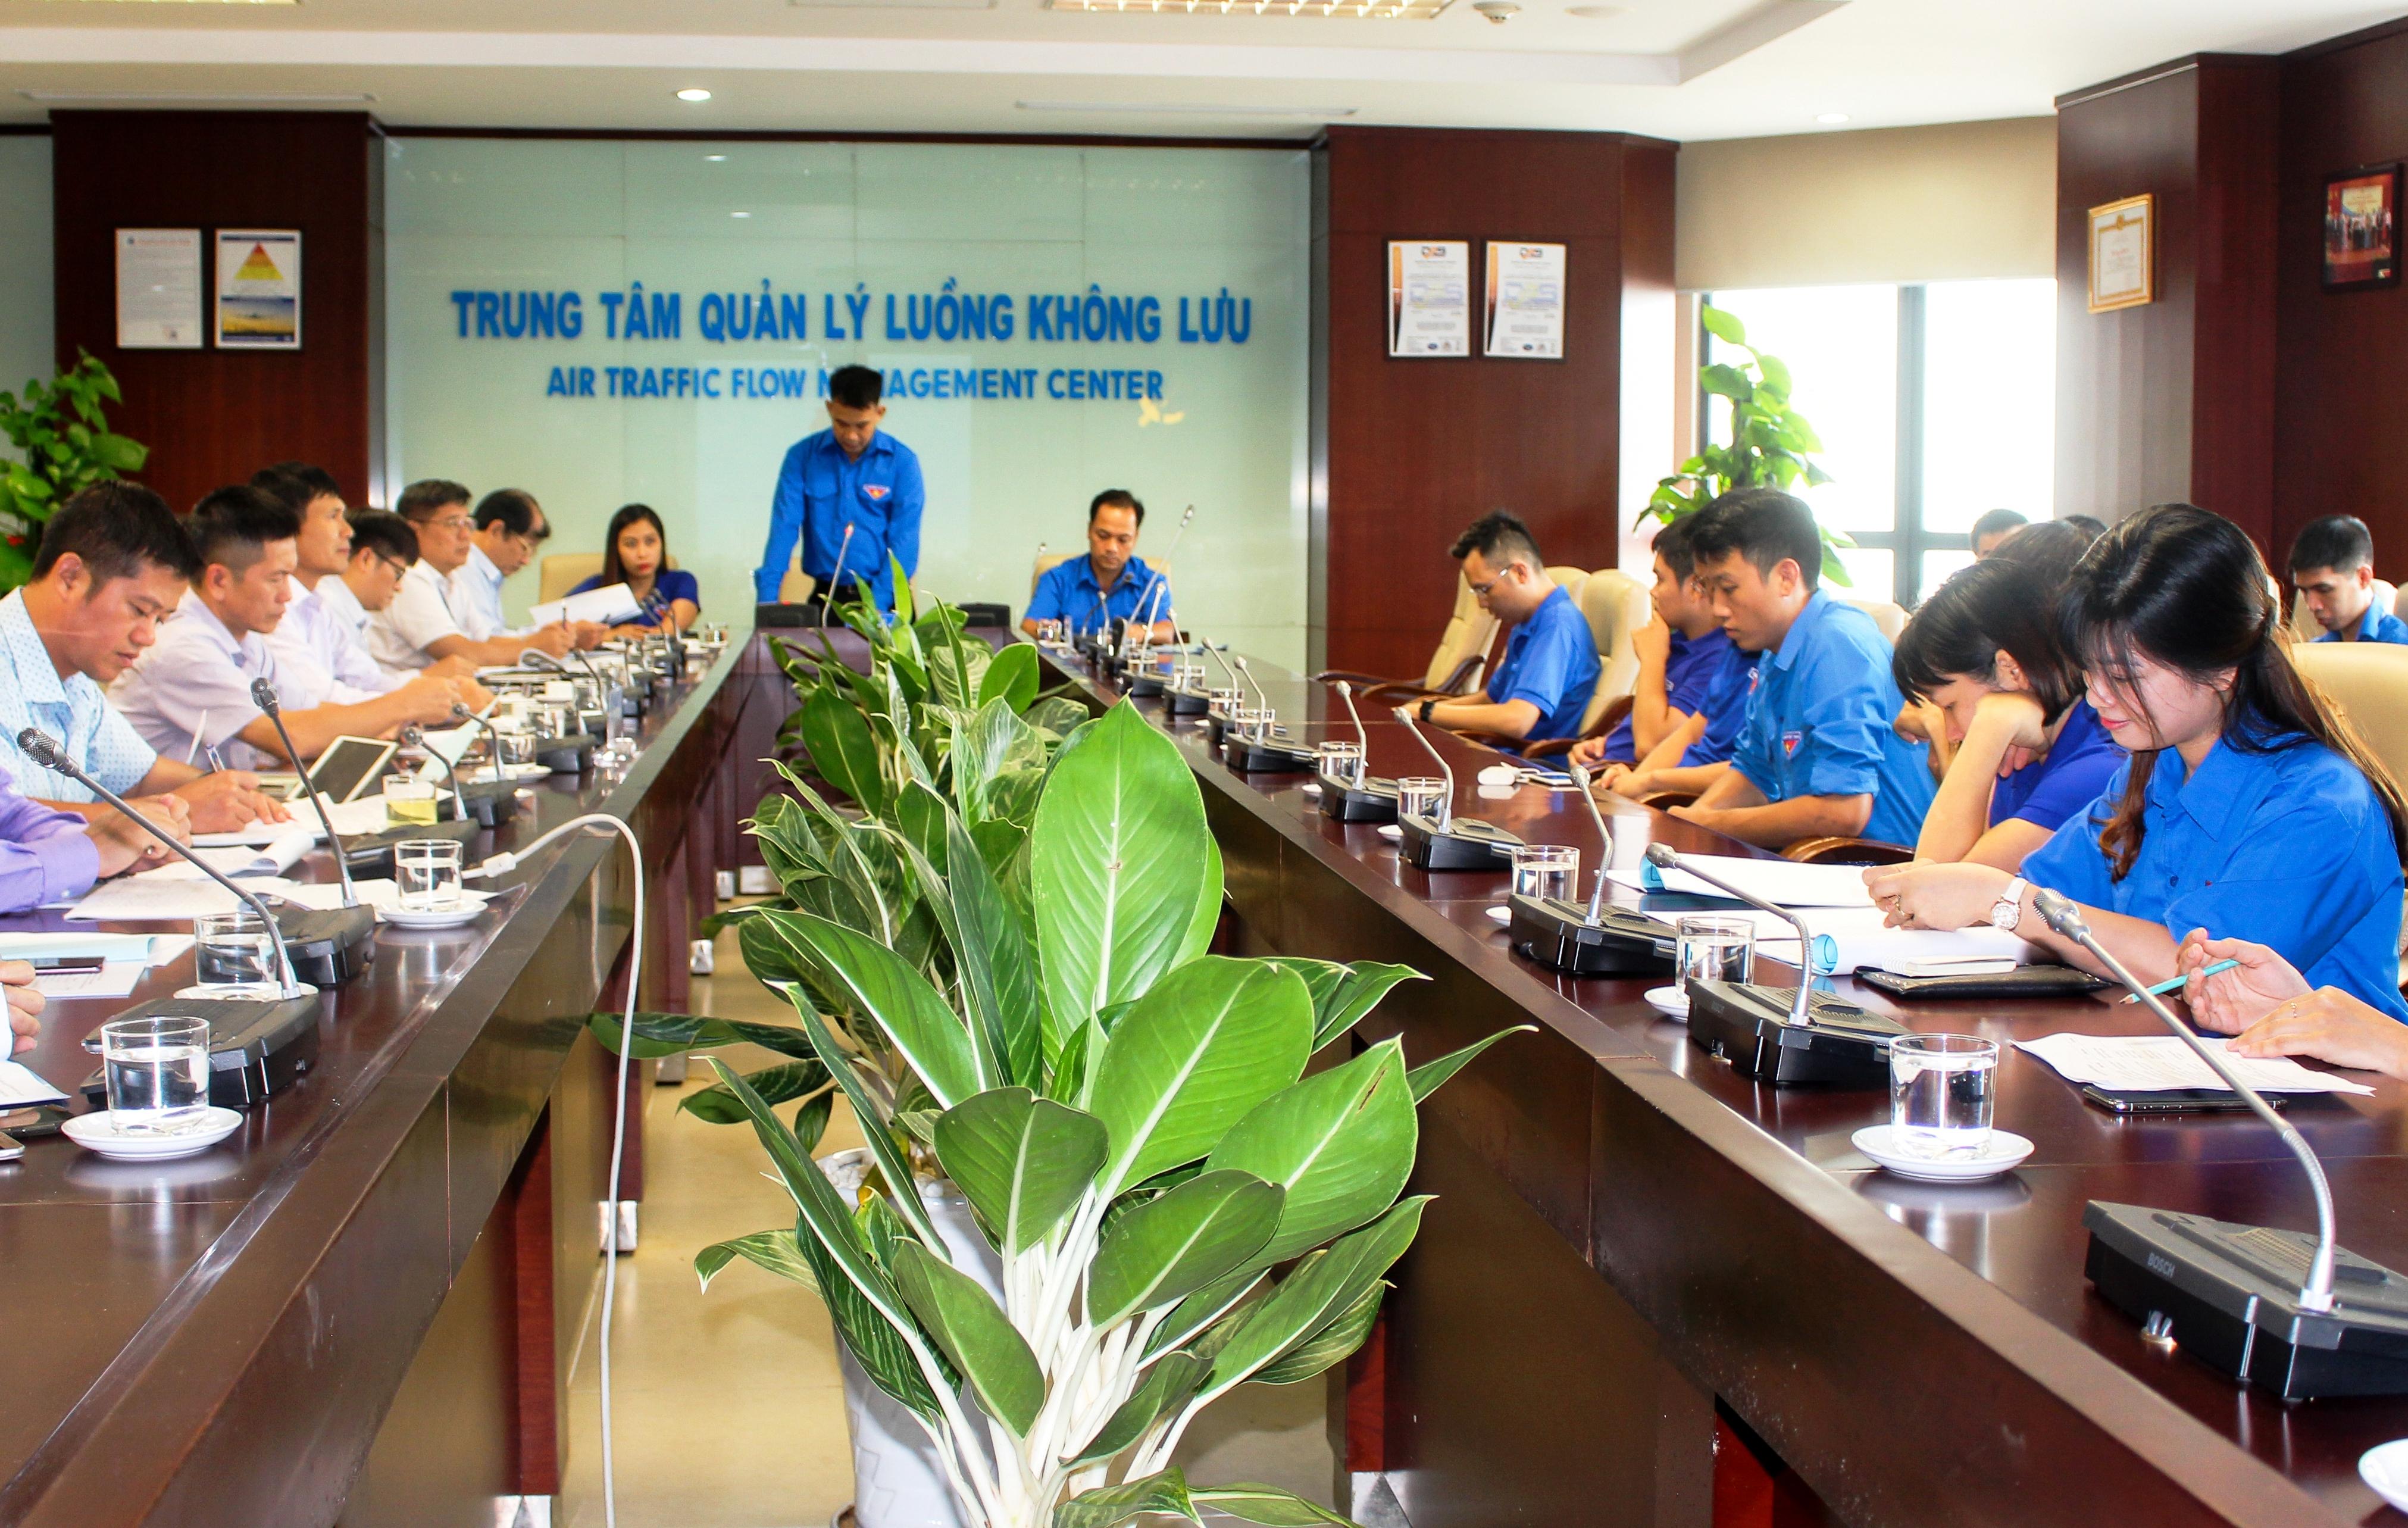 Trung tâm Quản lý luông không lưu: Tọa đàm giữa Lãnh đạo Trung tâm với Đoàn Thanh niên